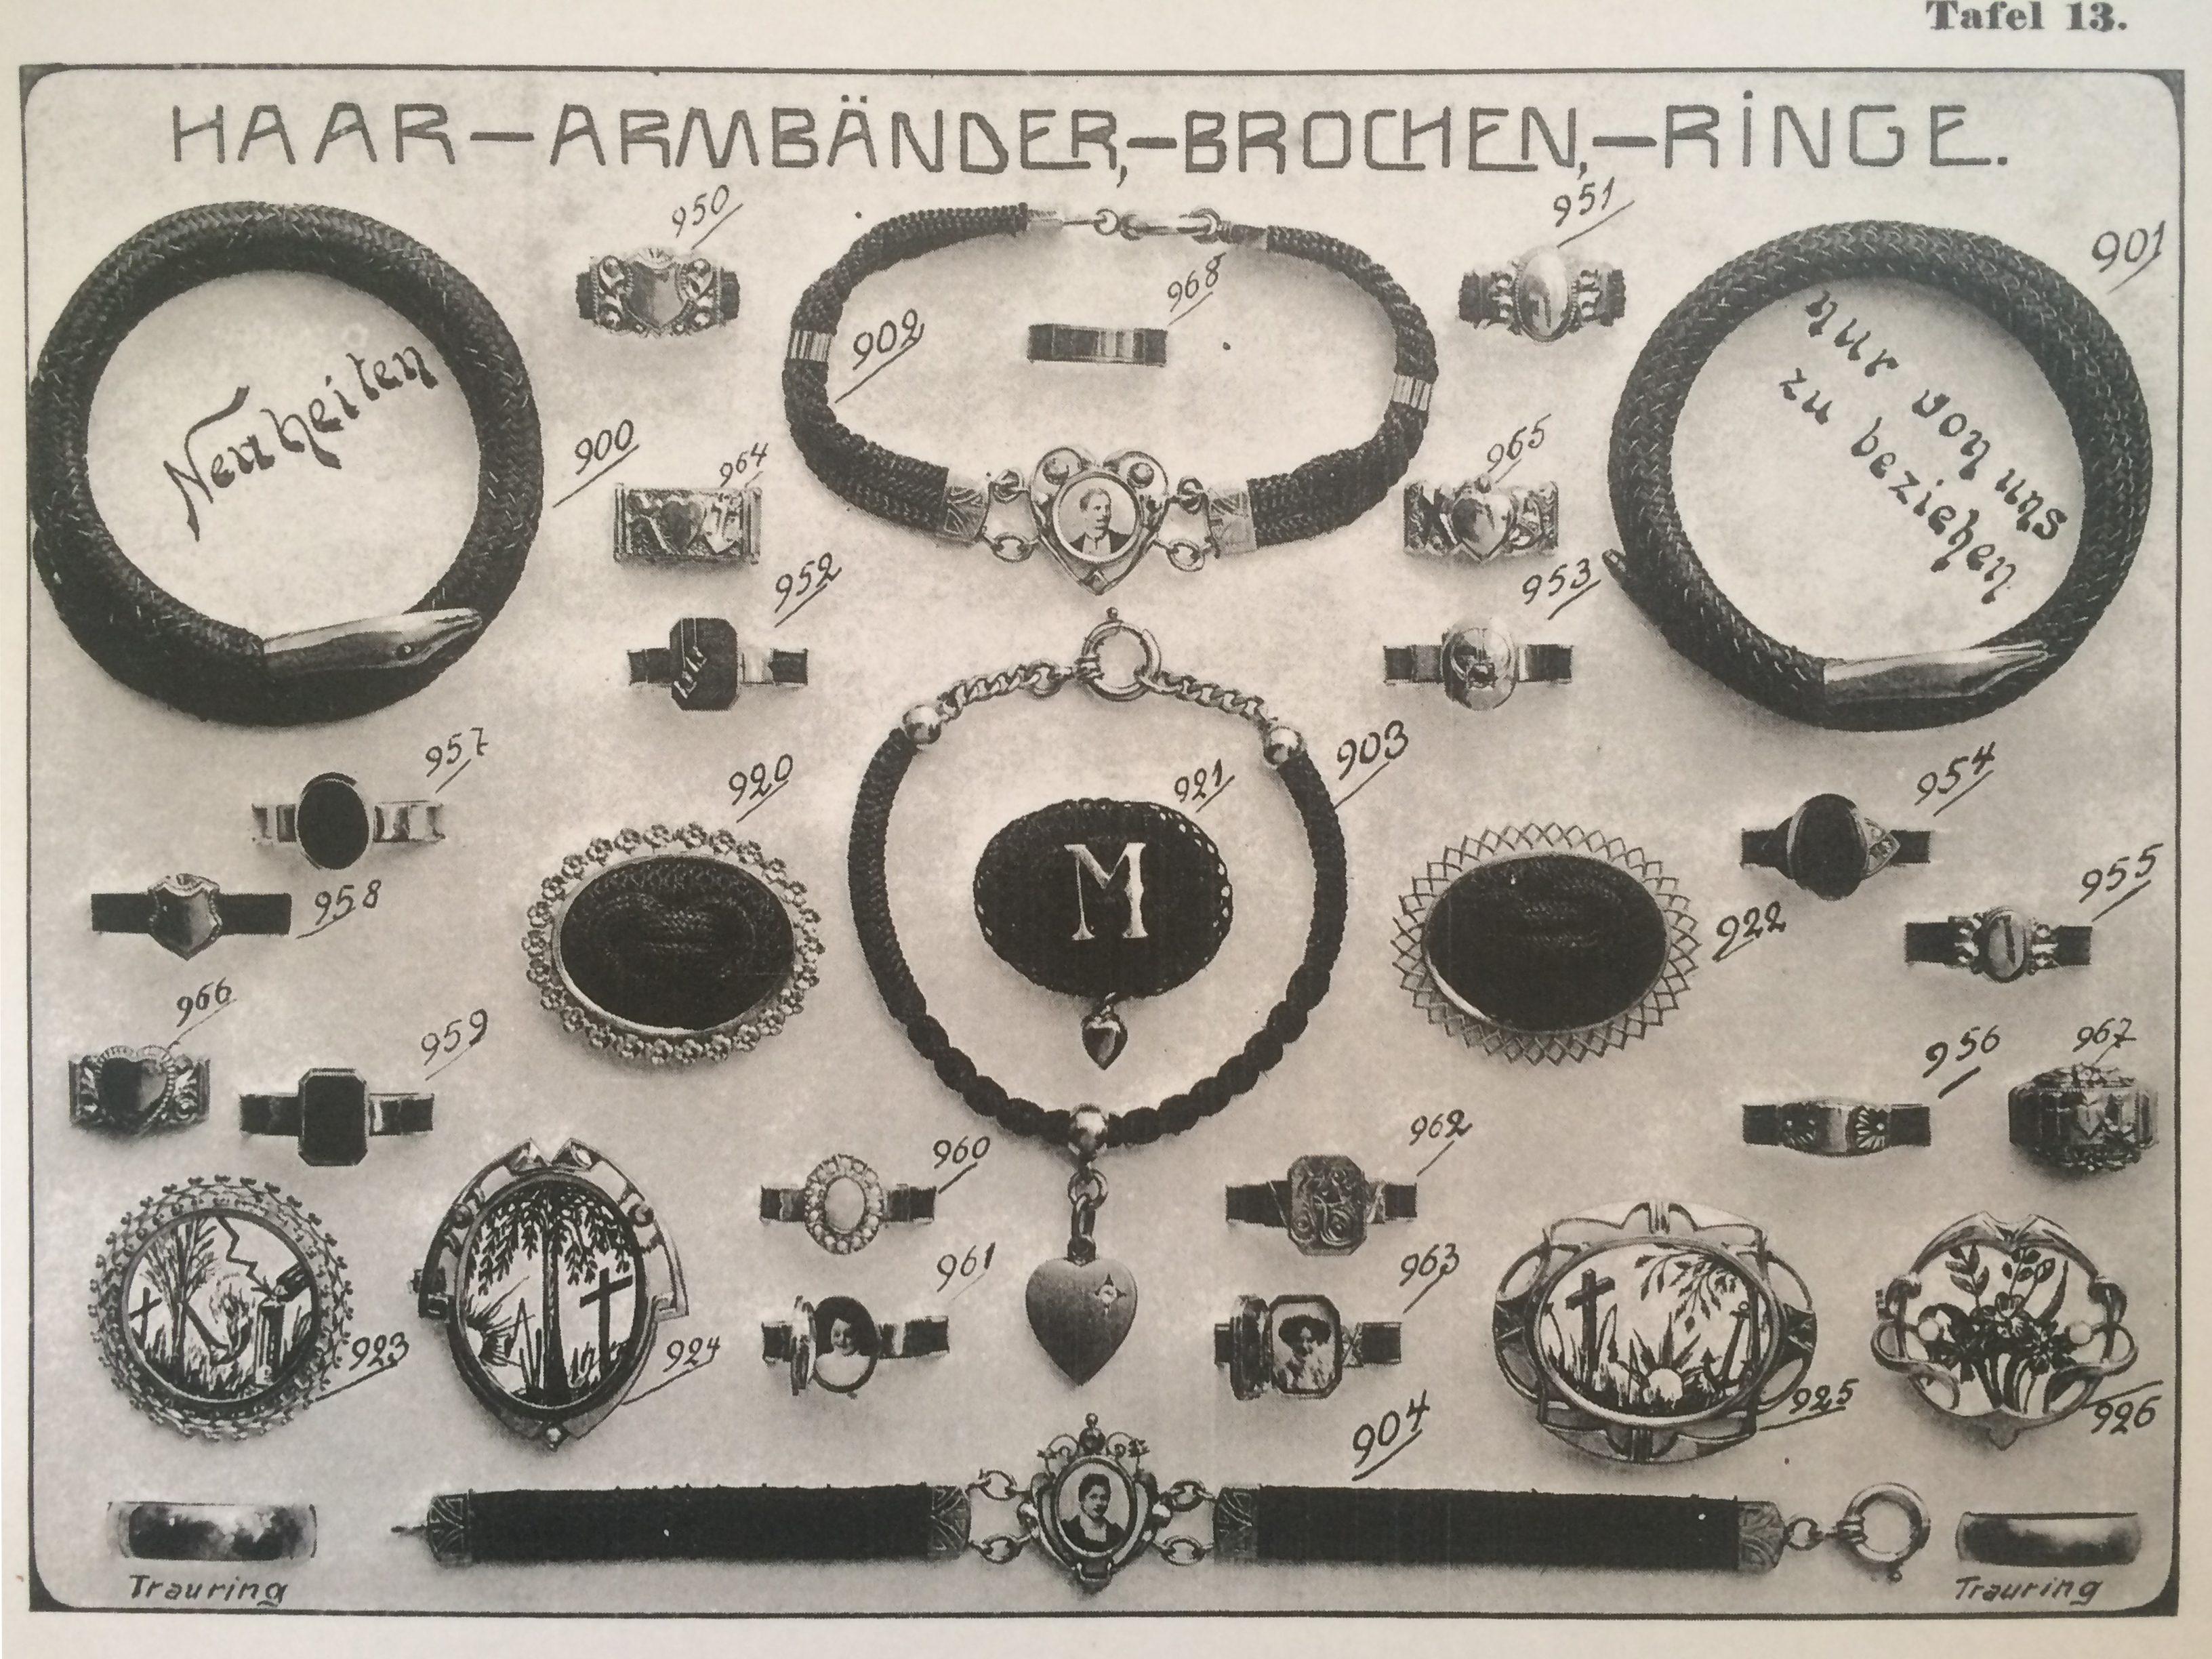 Advertentie voor machinaal vervaardigd haarwerk, circa 1900. Foto Karen Andersen, Hårkullorna fra Våmhus, papier